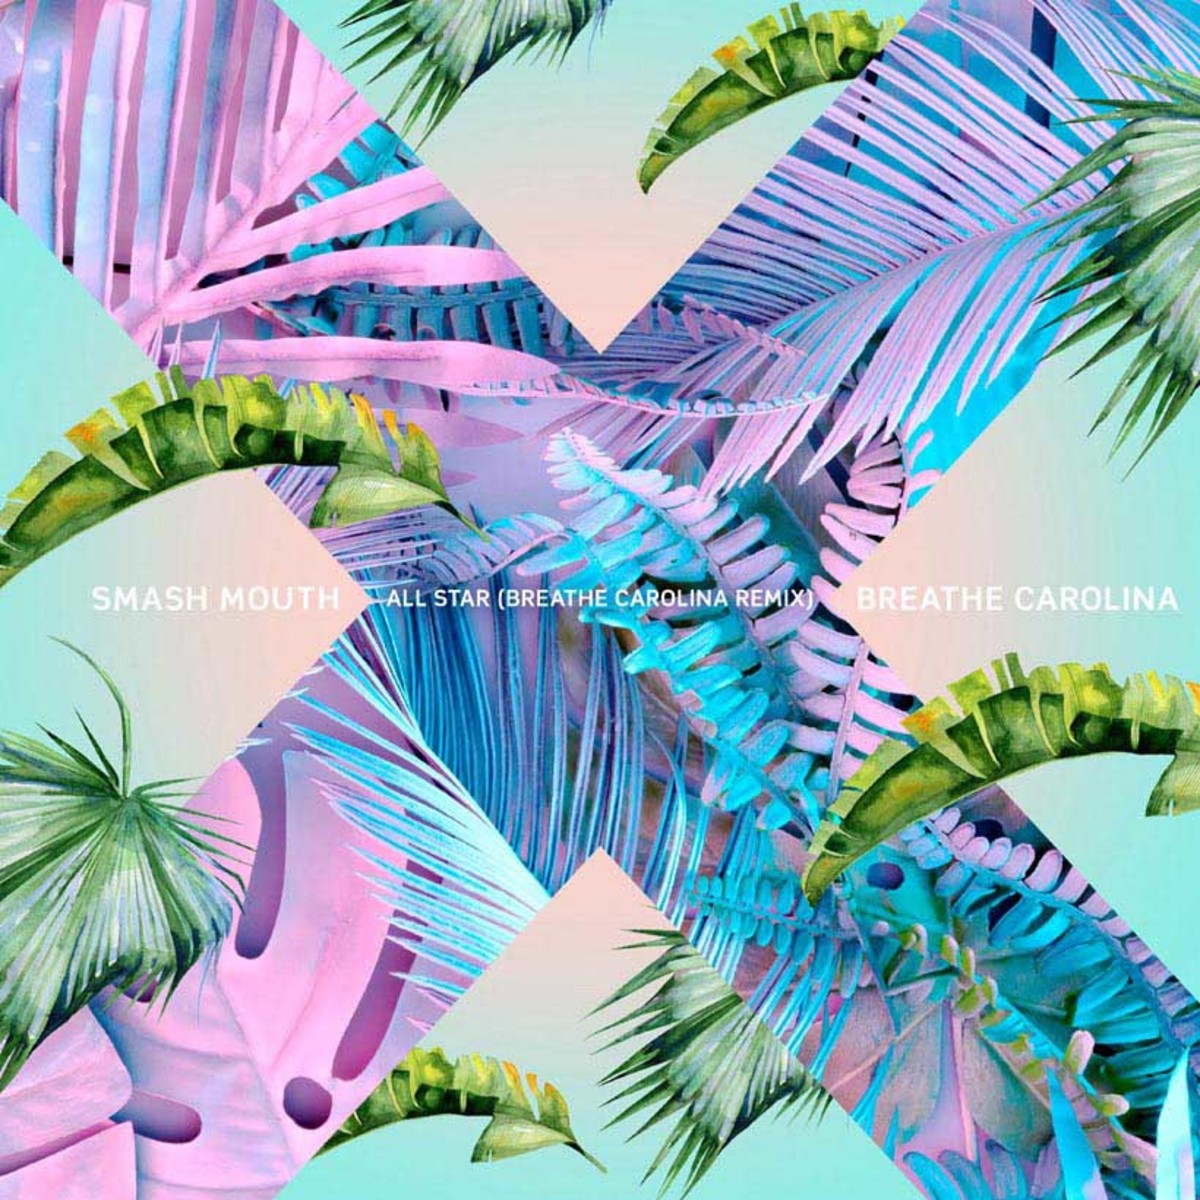 Smash Mouth - All Star (Breathe Carolina Remix) - ALBUM ARTWORK